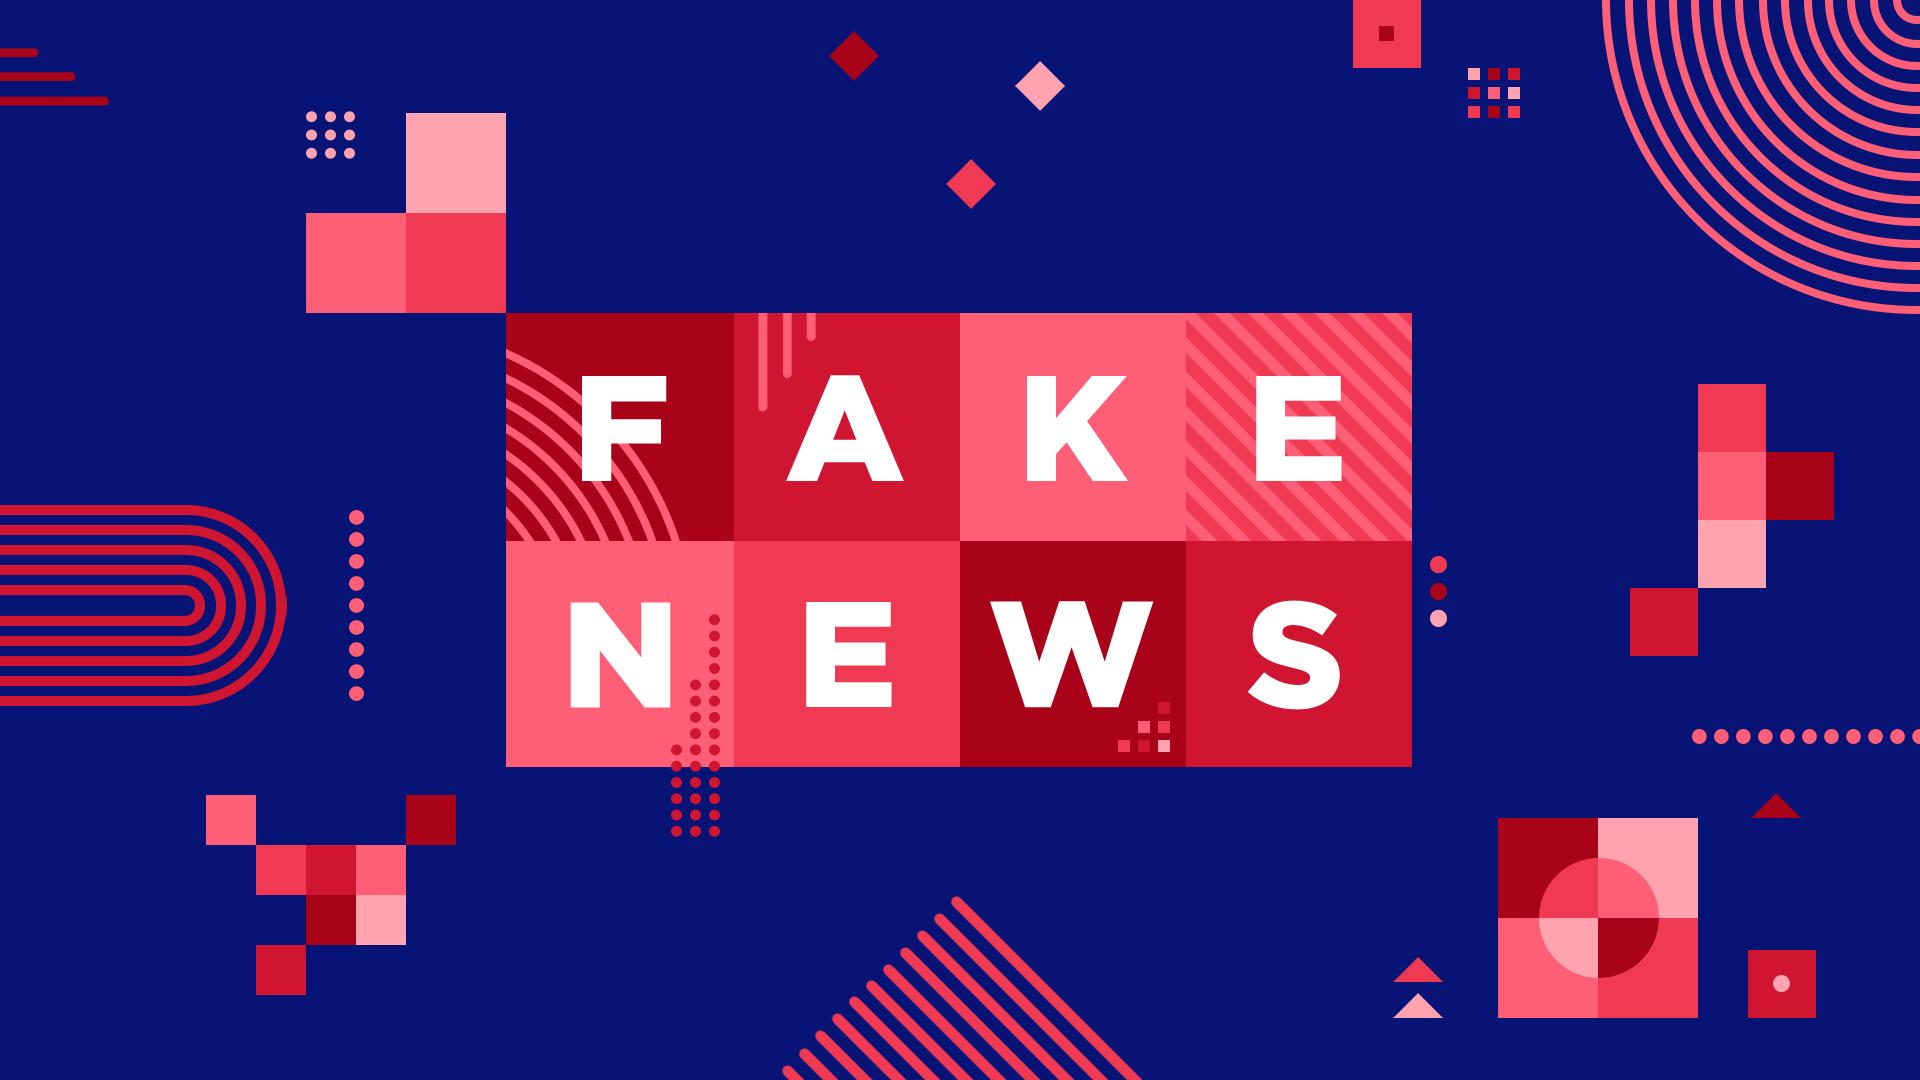 des_fake_news_01.png